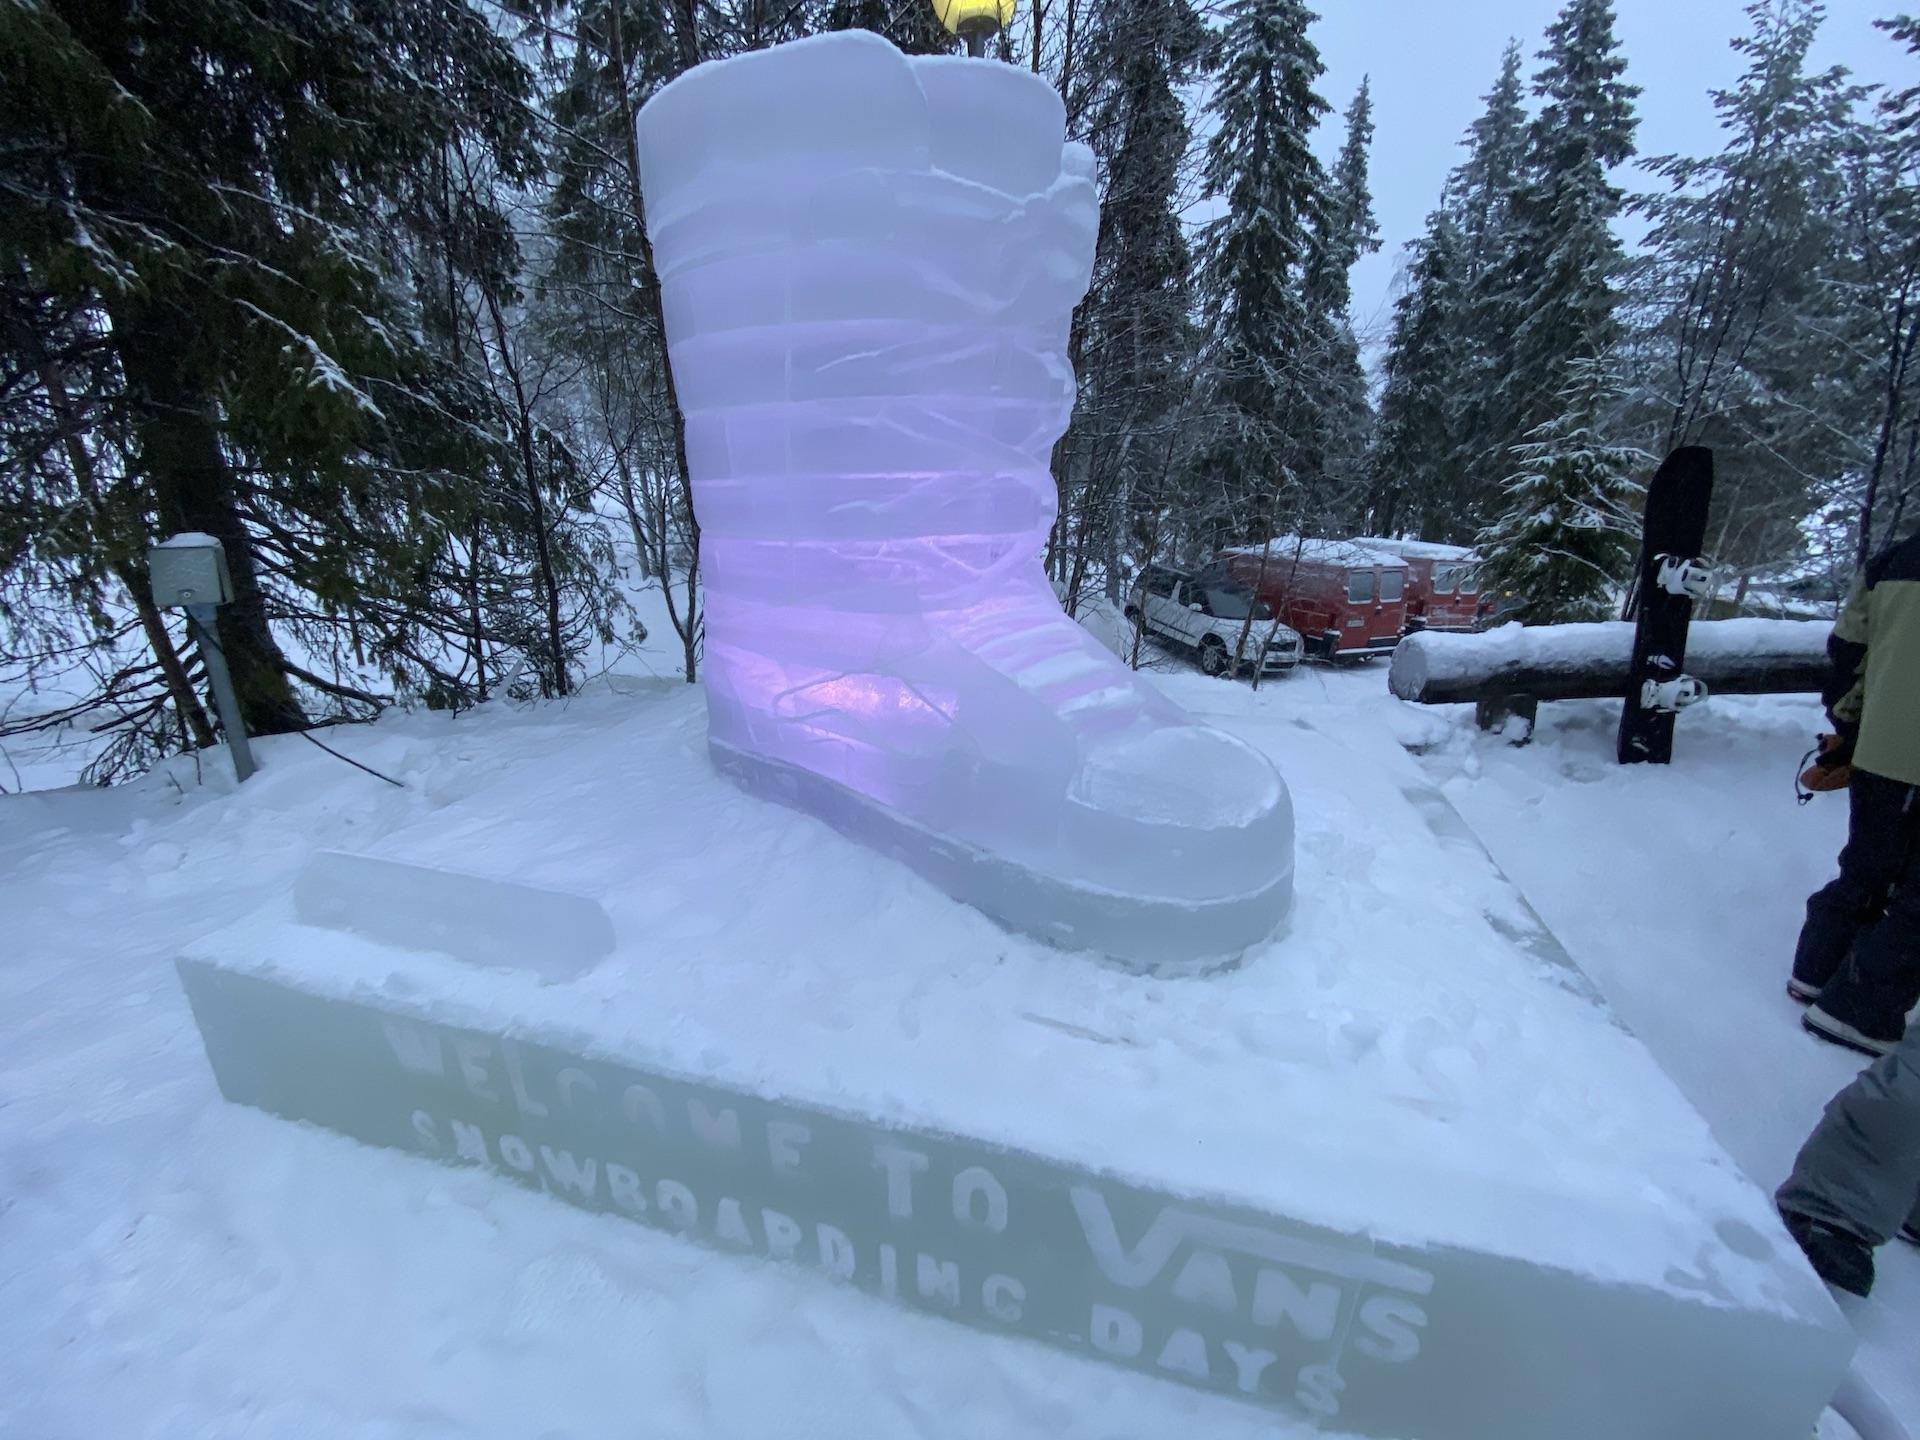 Vans Snowboarding Days 2020, Ruka Finland